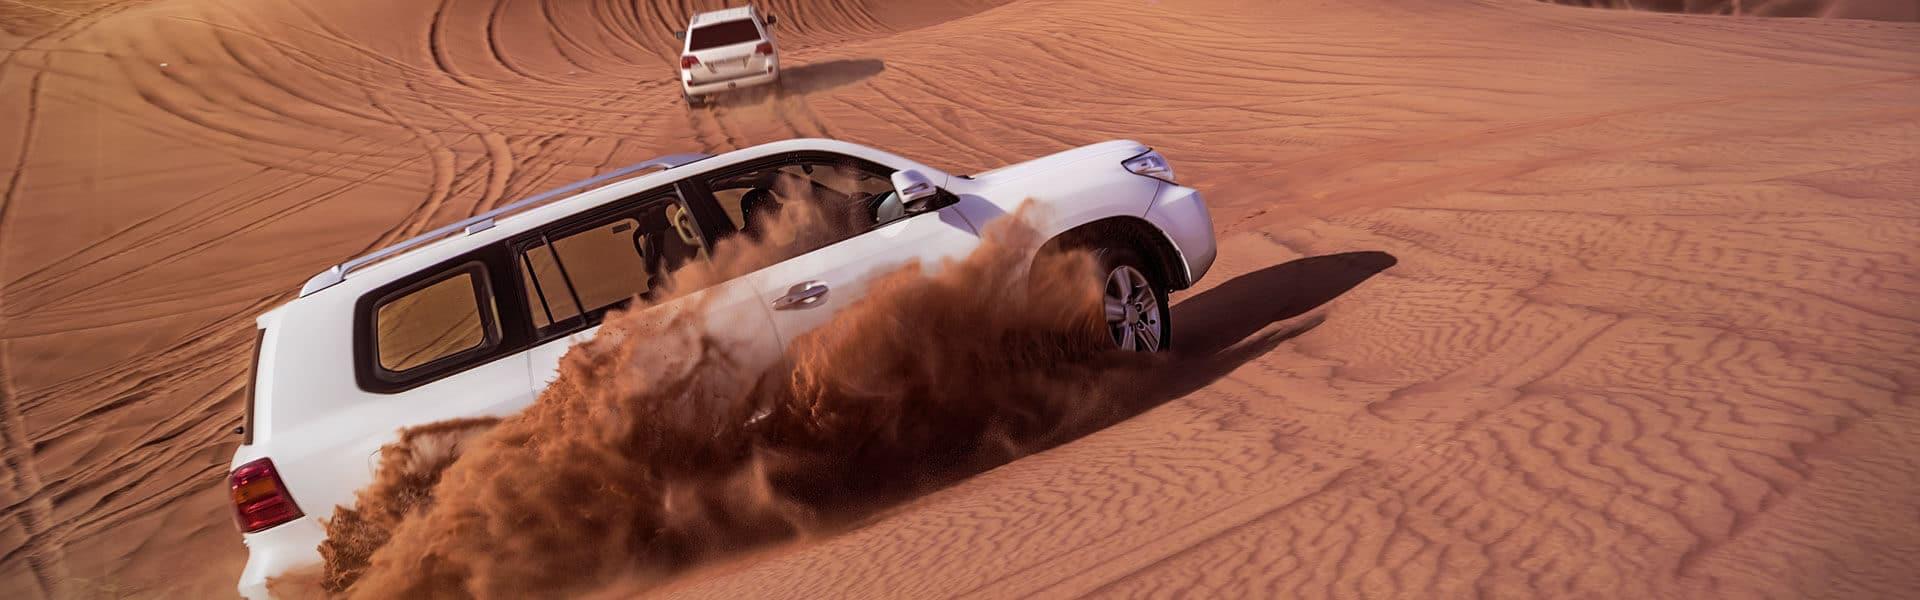 Incentive Reise Dubai mit b-ceed: Wüstenrallyes mit Jeeps, Sundowner und mehr